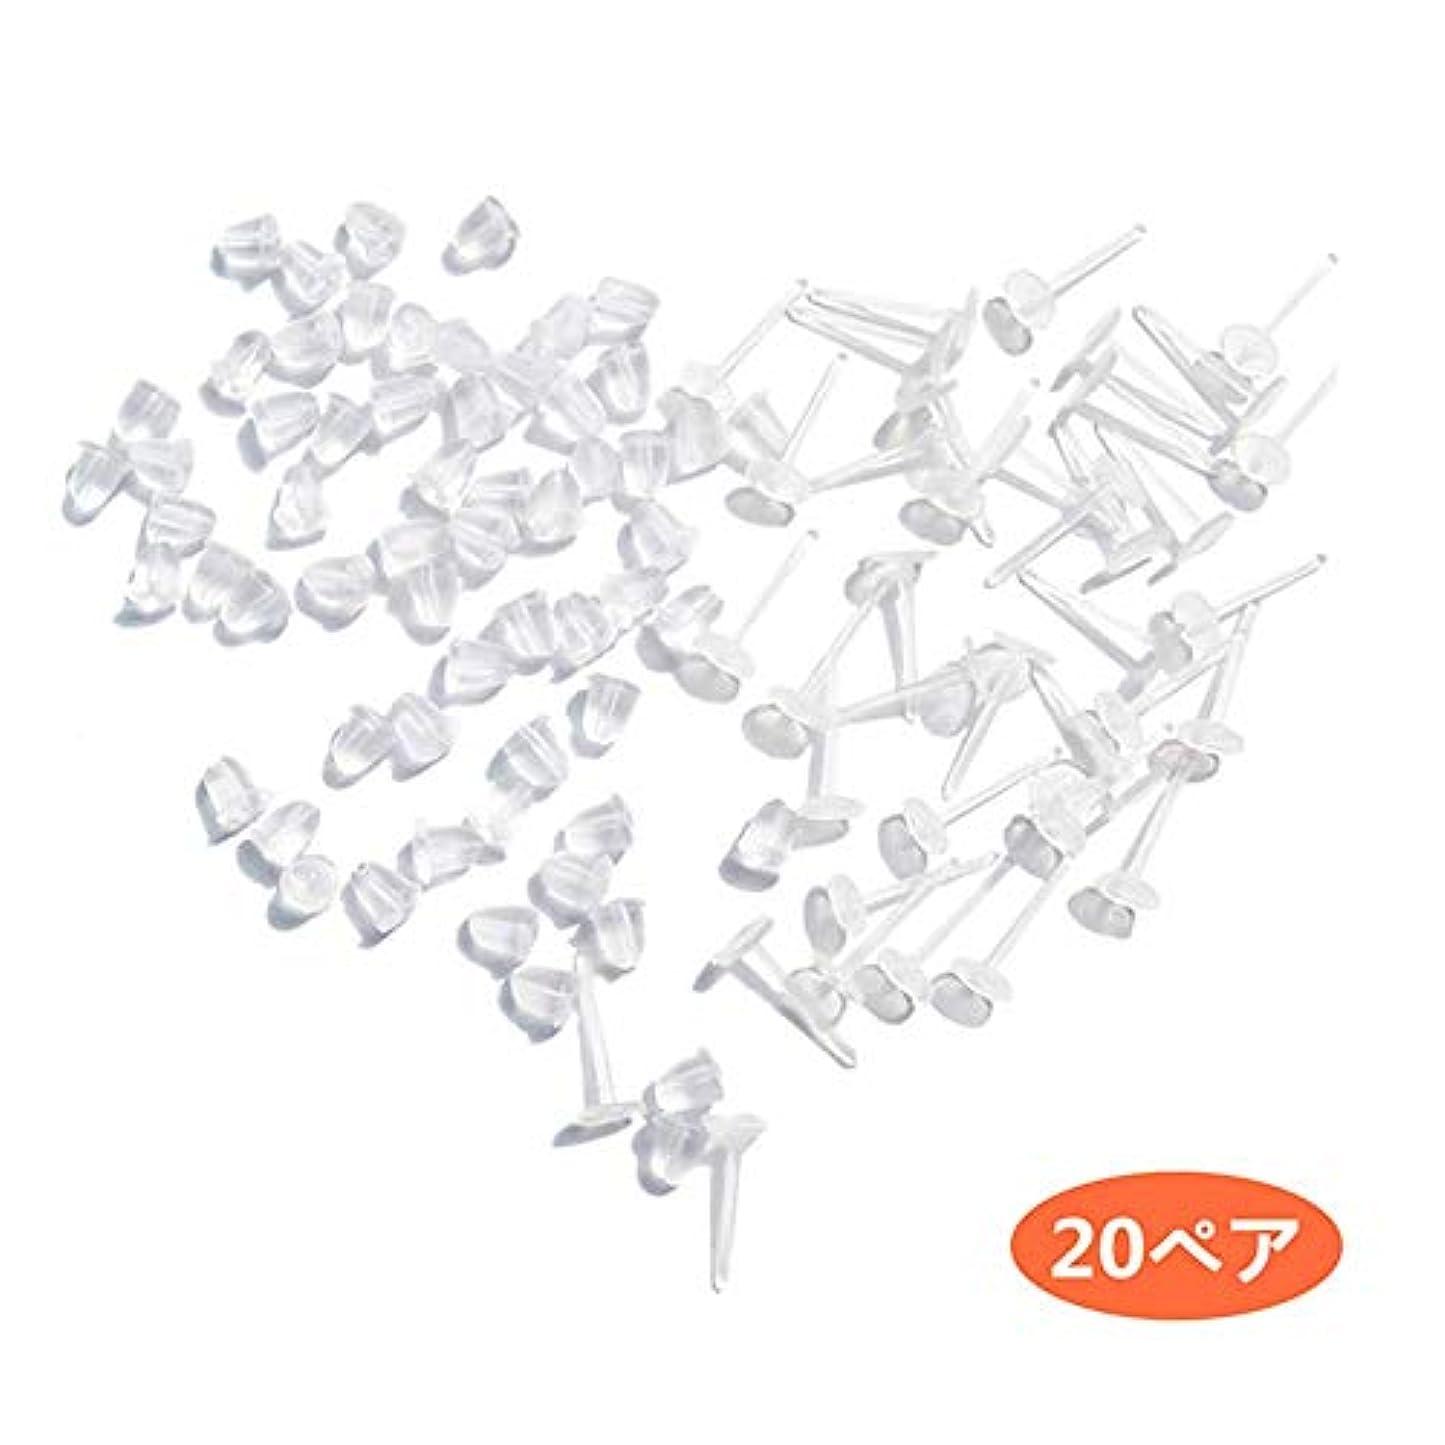 クリックアスレチックバリアシークレットピアス 樹脂透明ピアス アクセサリー パーツ 金属アレルギーフリー ピアスホール維持に最適(20ペア)